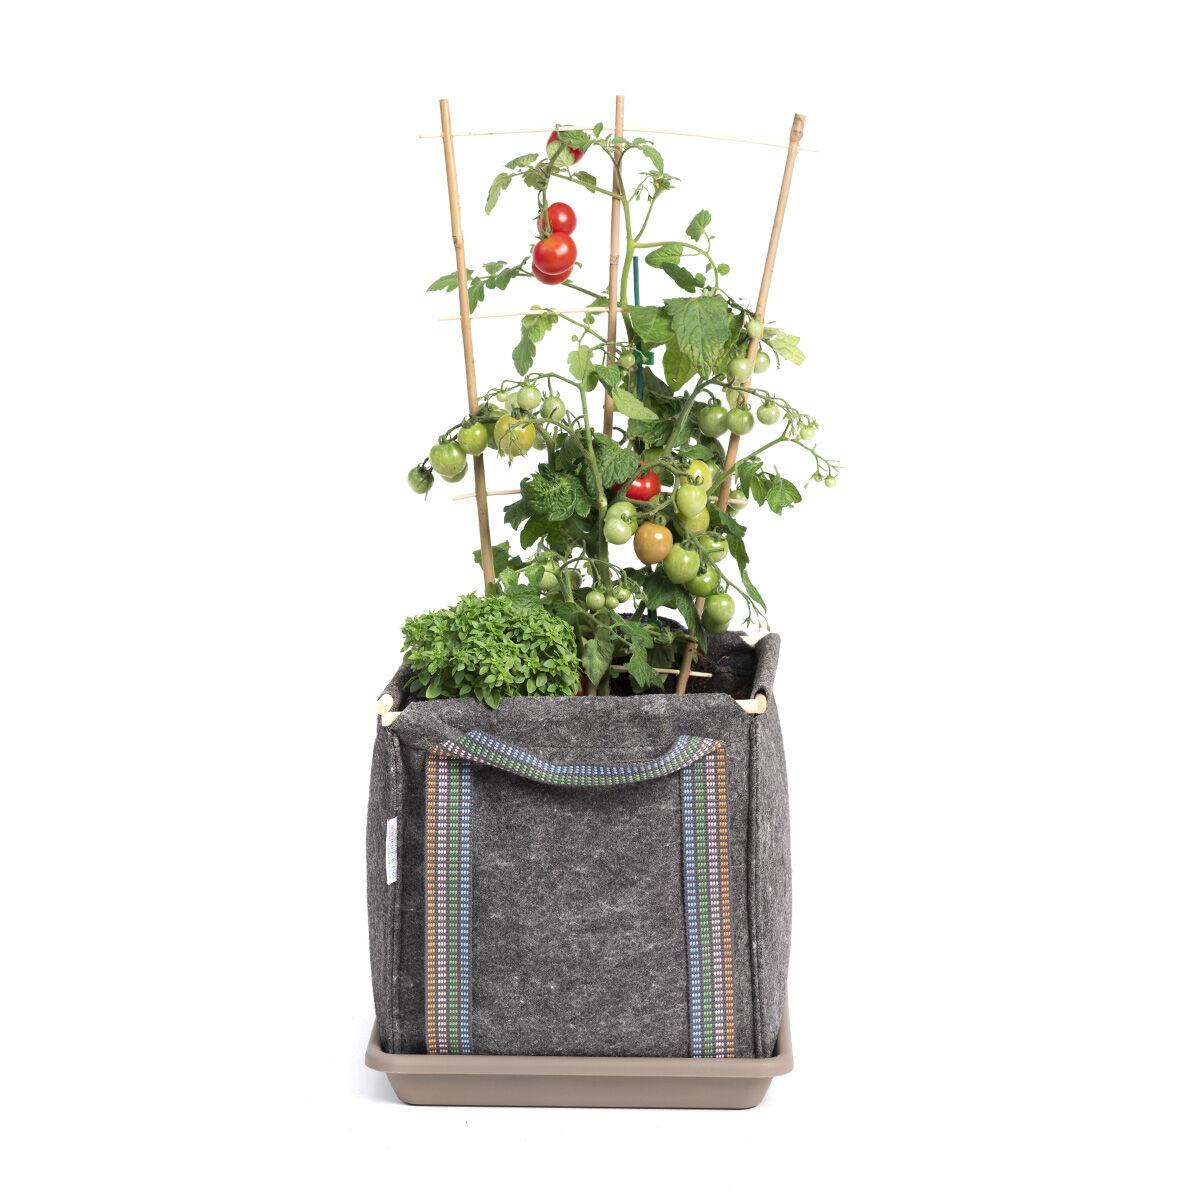 Metro Huerto Jardinière bac à fleurs en géotextile 30 x 30 x 30 cm